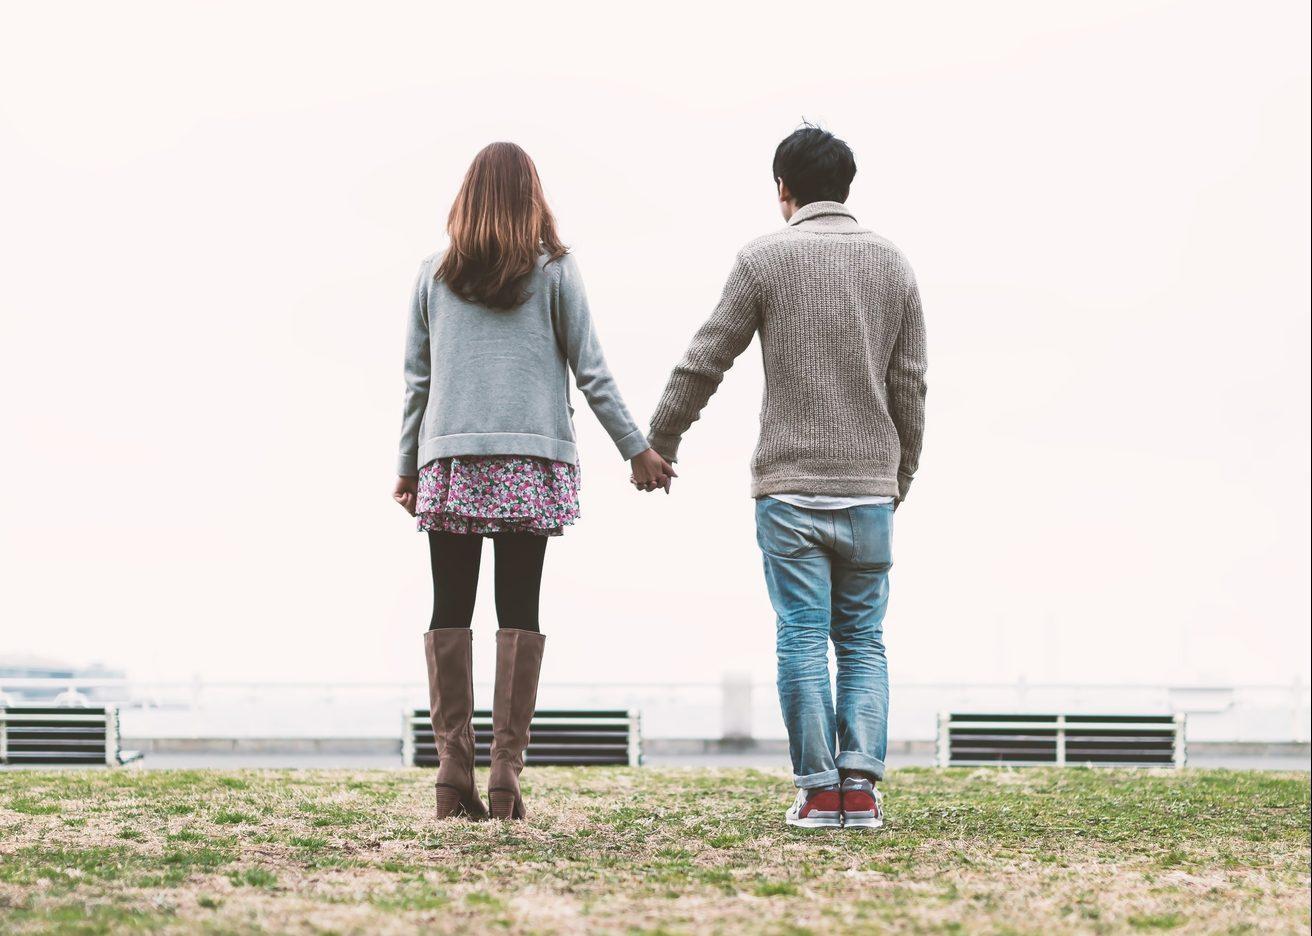 ドキドキ?付き合う前に手をつなぐ男性心理を教えちゃいます!